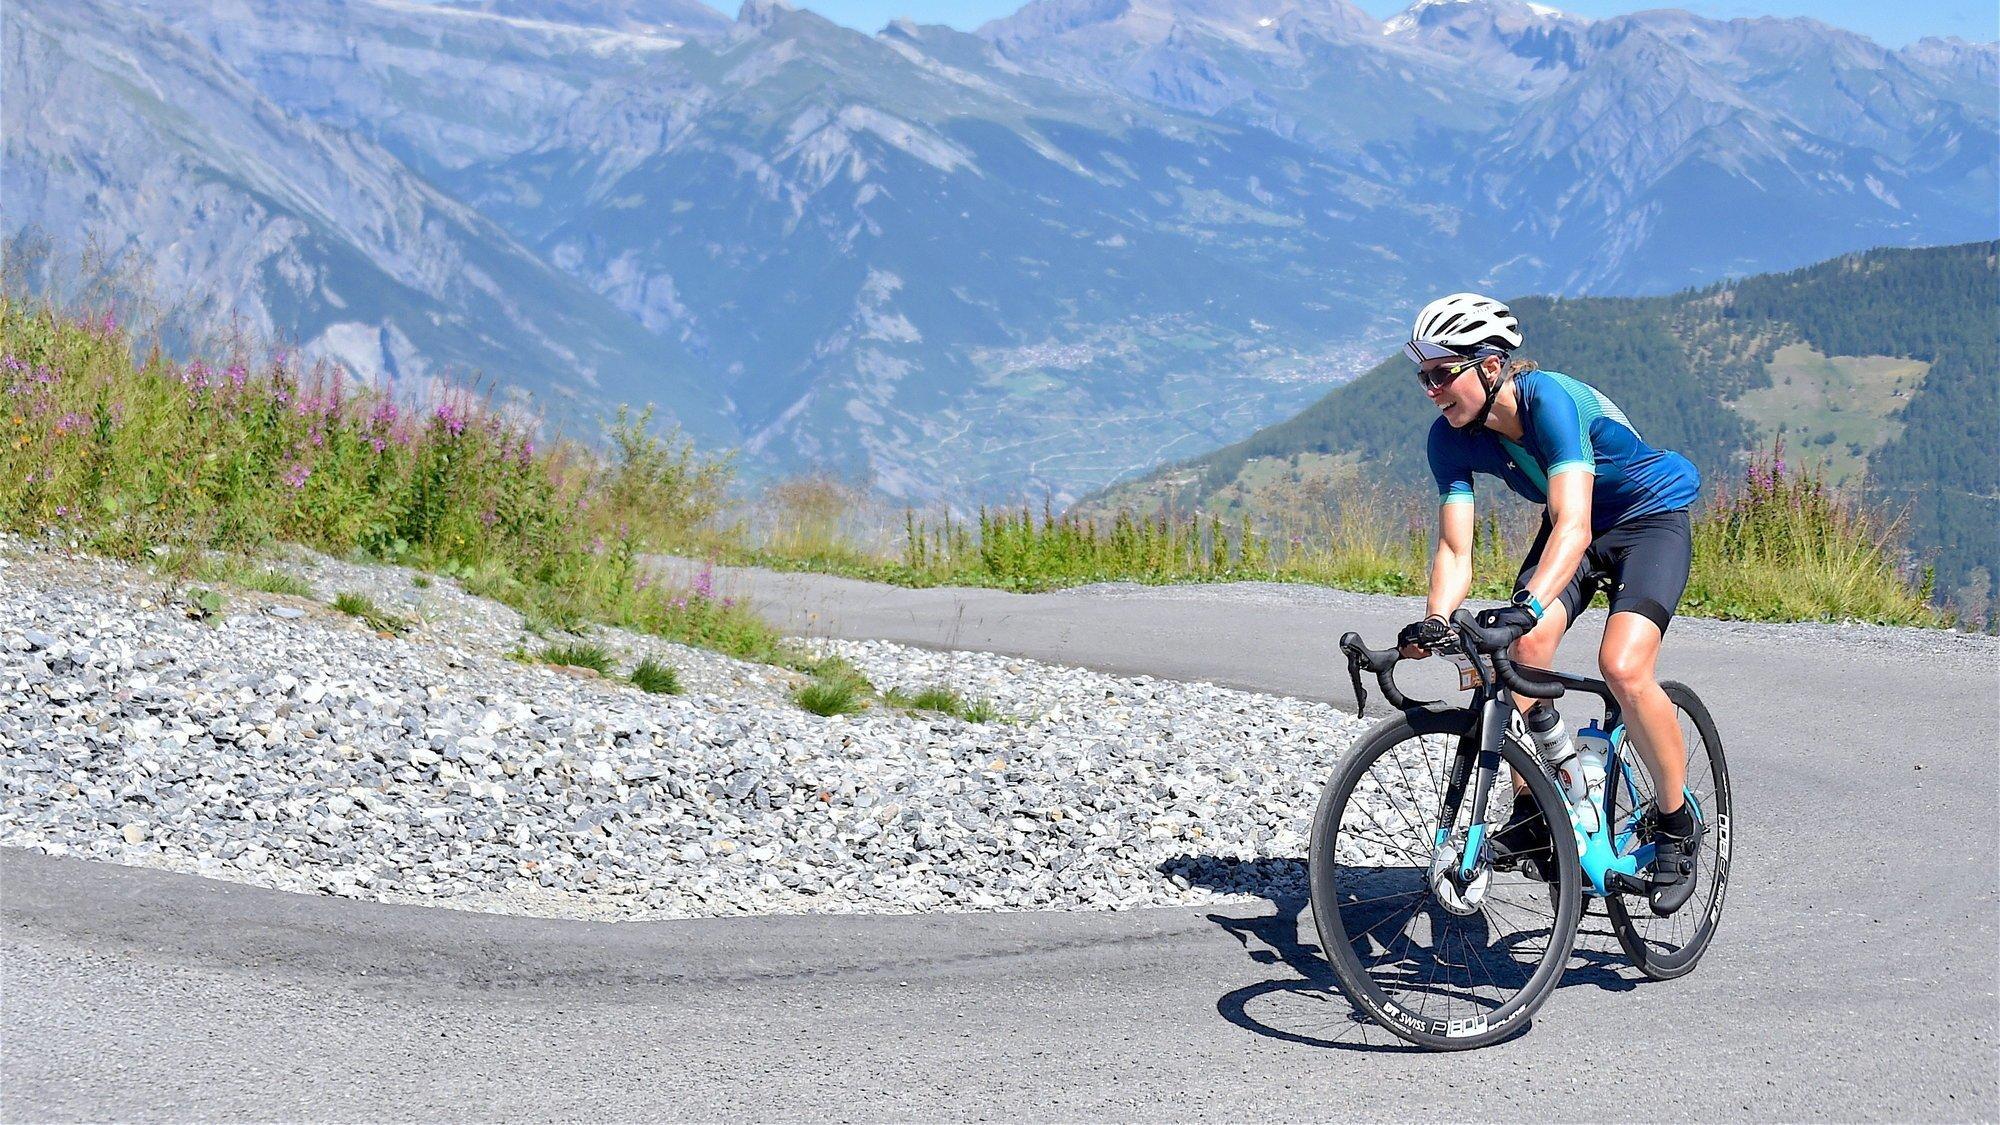 Cyclisme: le Tour des stations propose de gravir l'Everest… en Valais